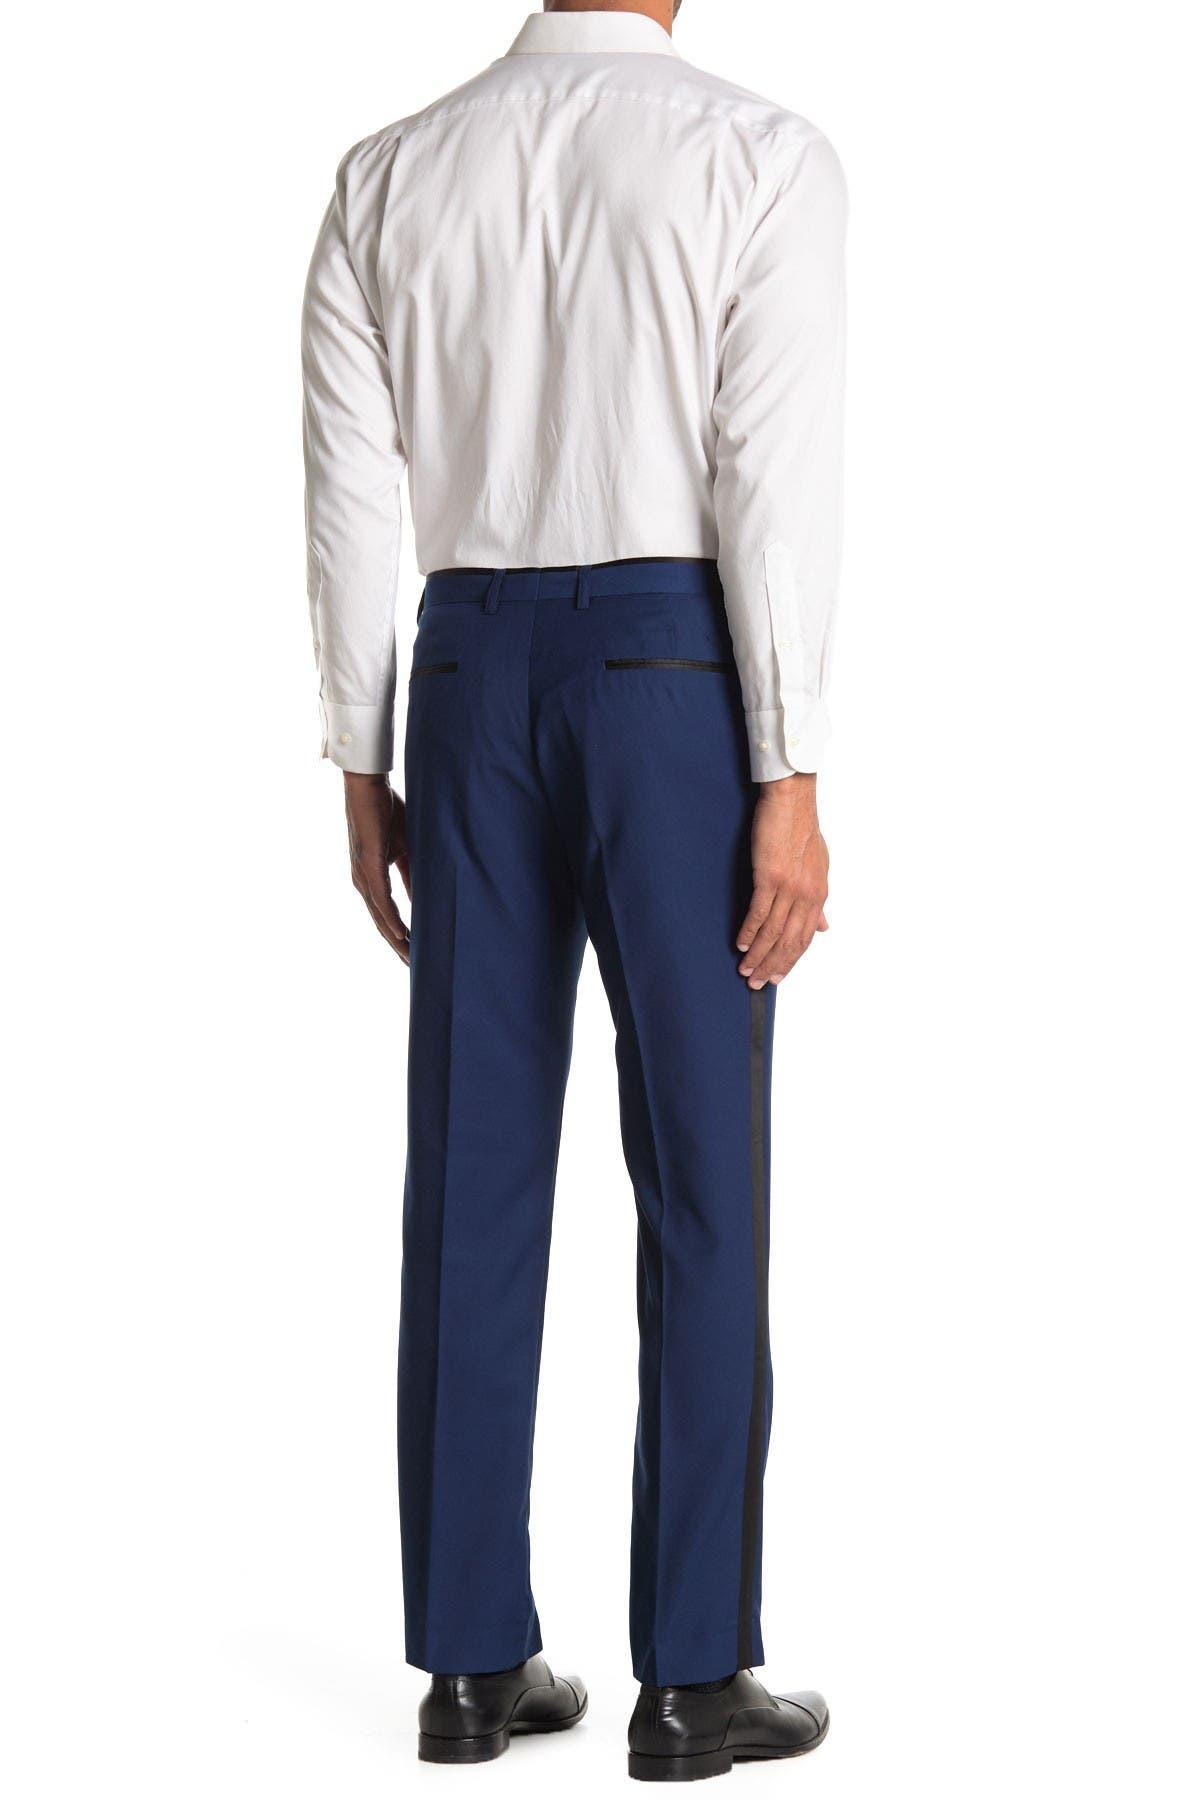 Image of Paisley & Gray Side Stripe Tuxedo Pants